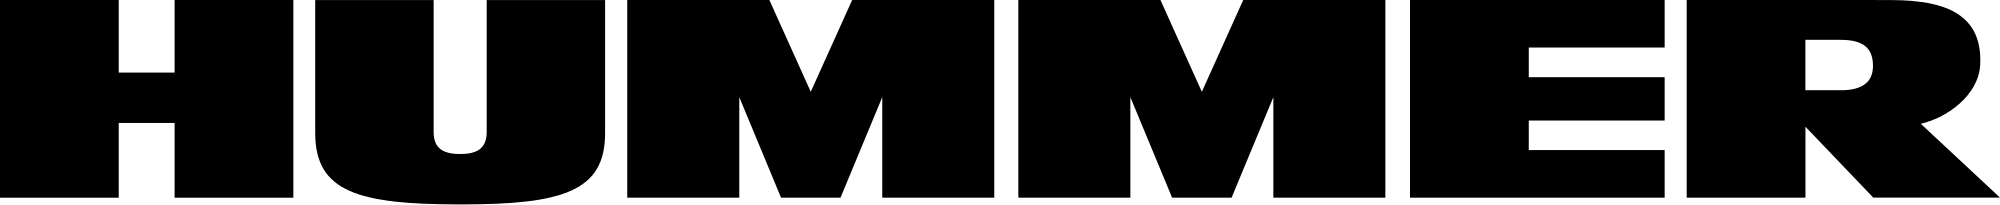 Hummer logo (Present) 2000x205 HD png